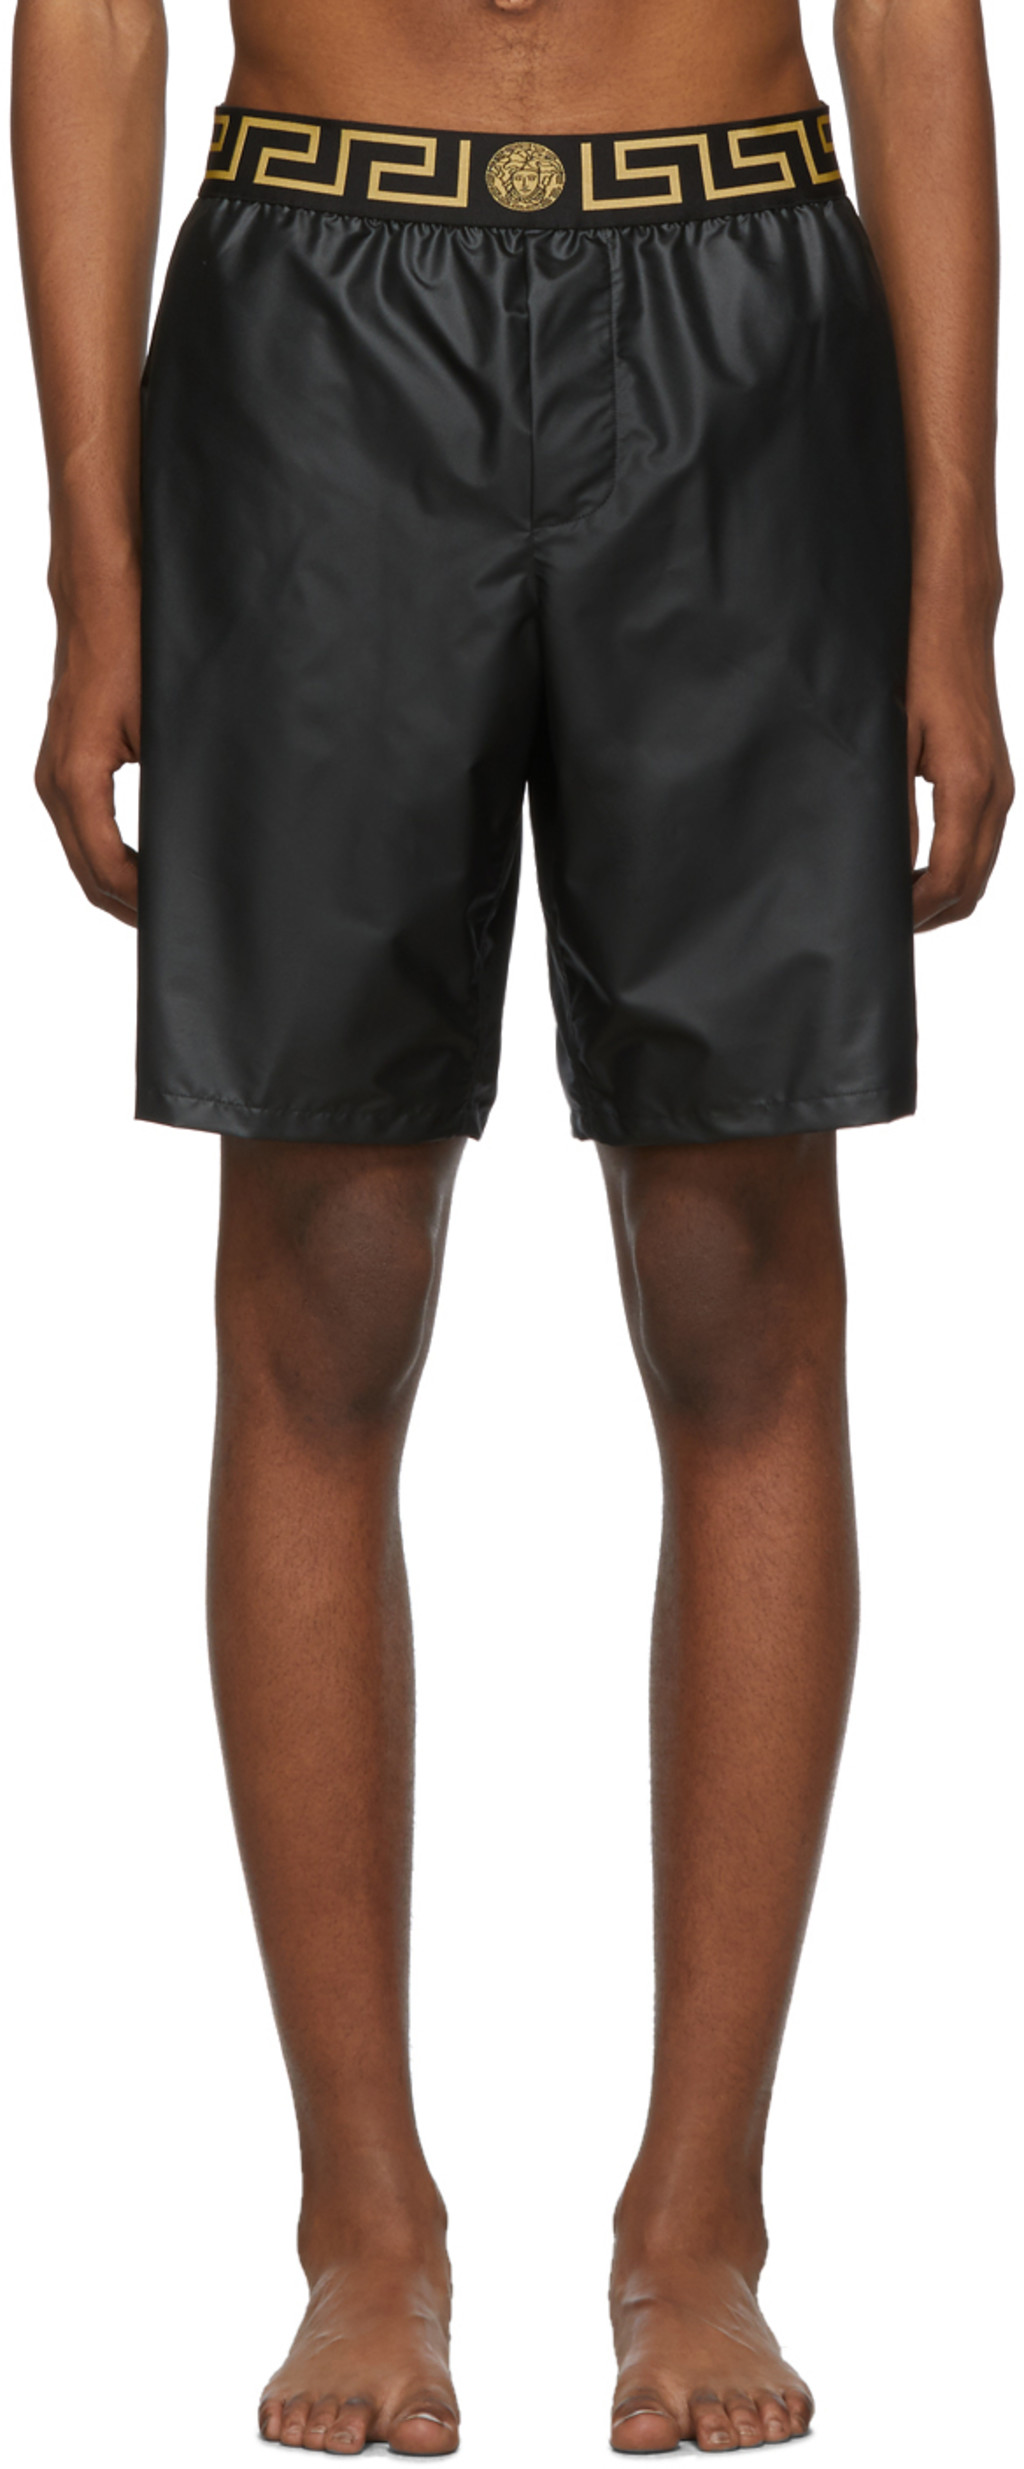 f11b0de57cdd6 Designer swimwear for Men | SSENSE